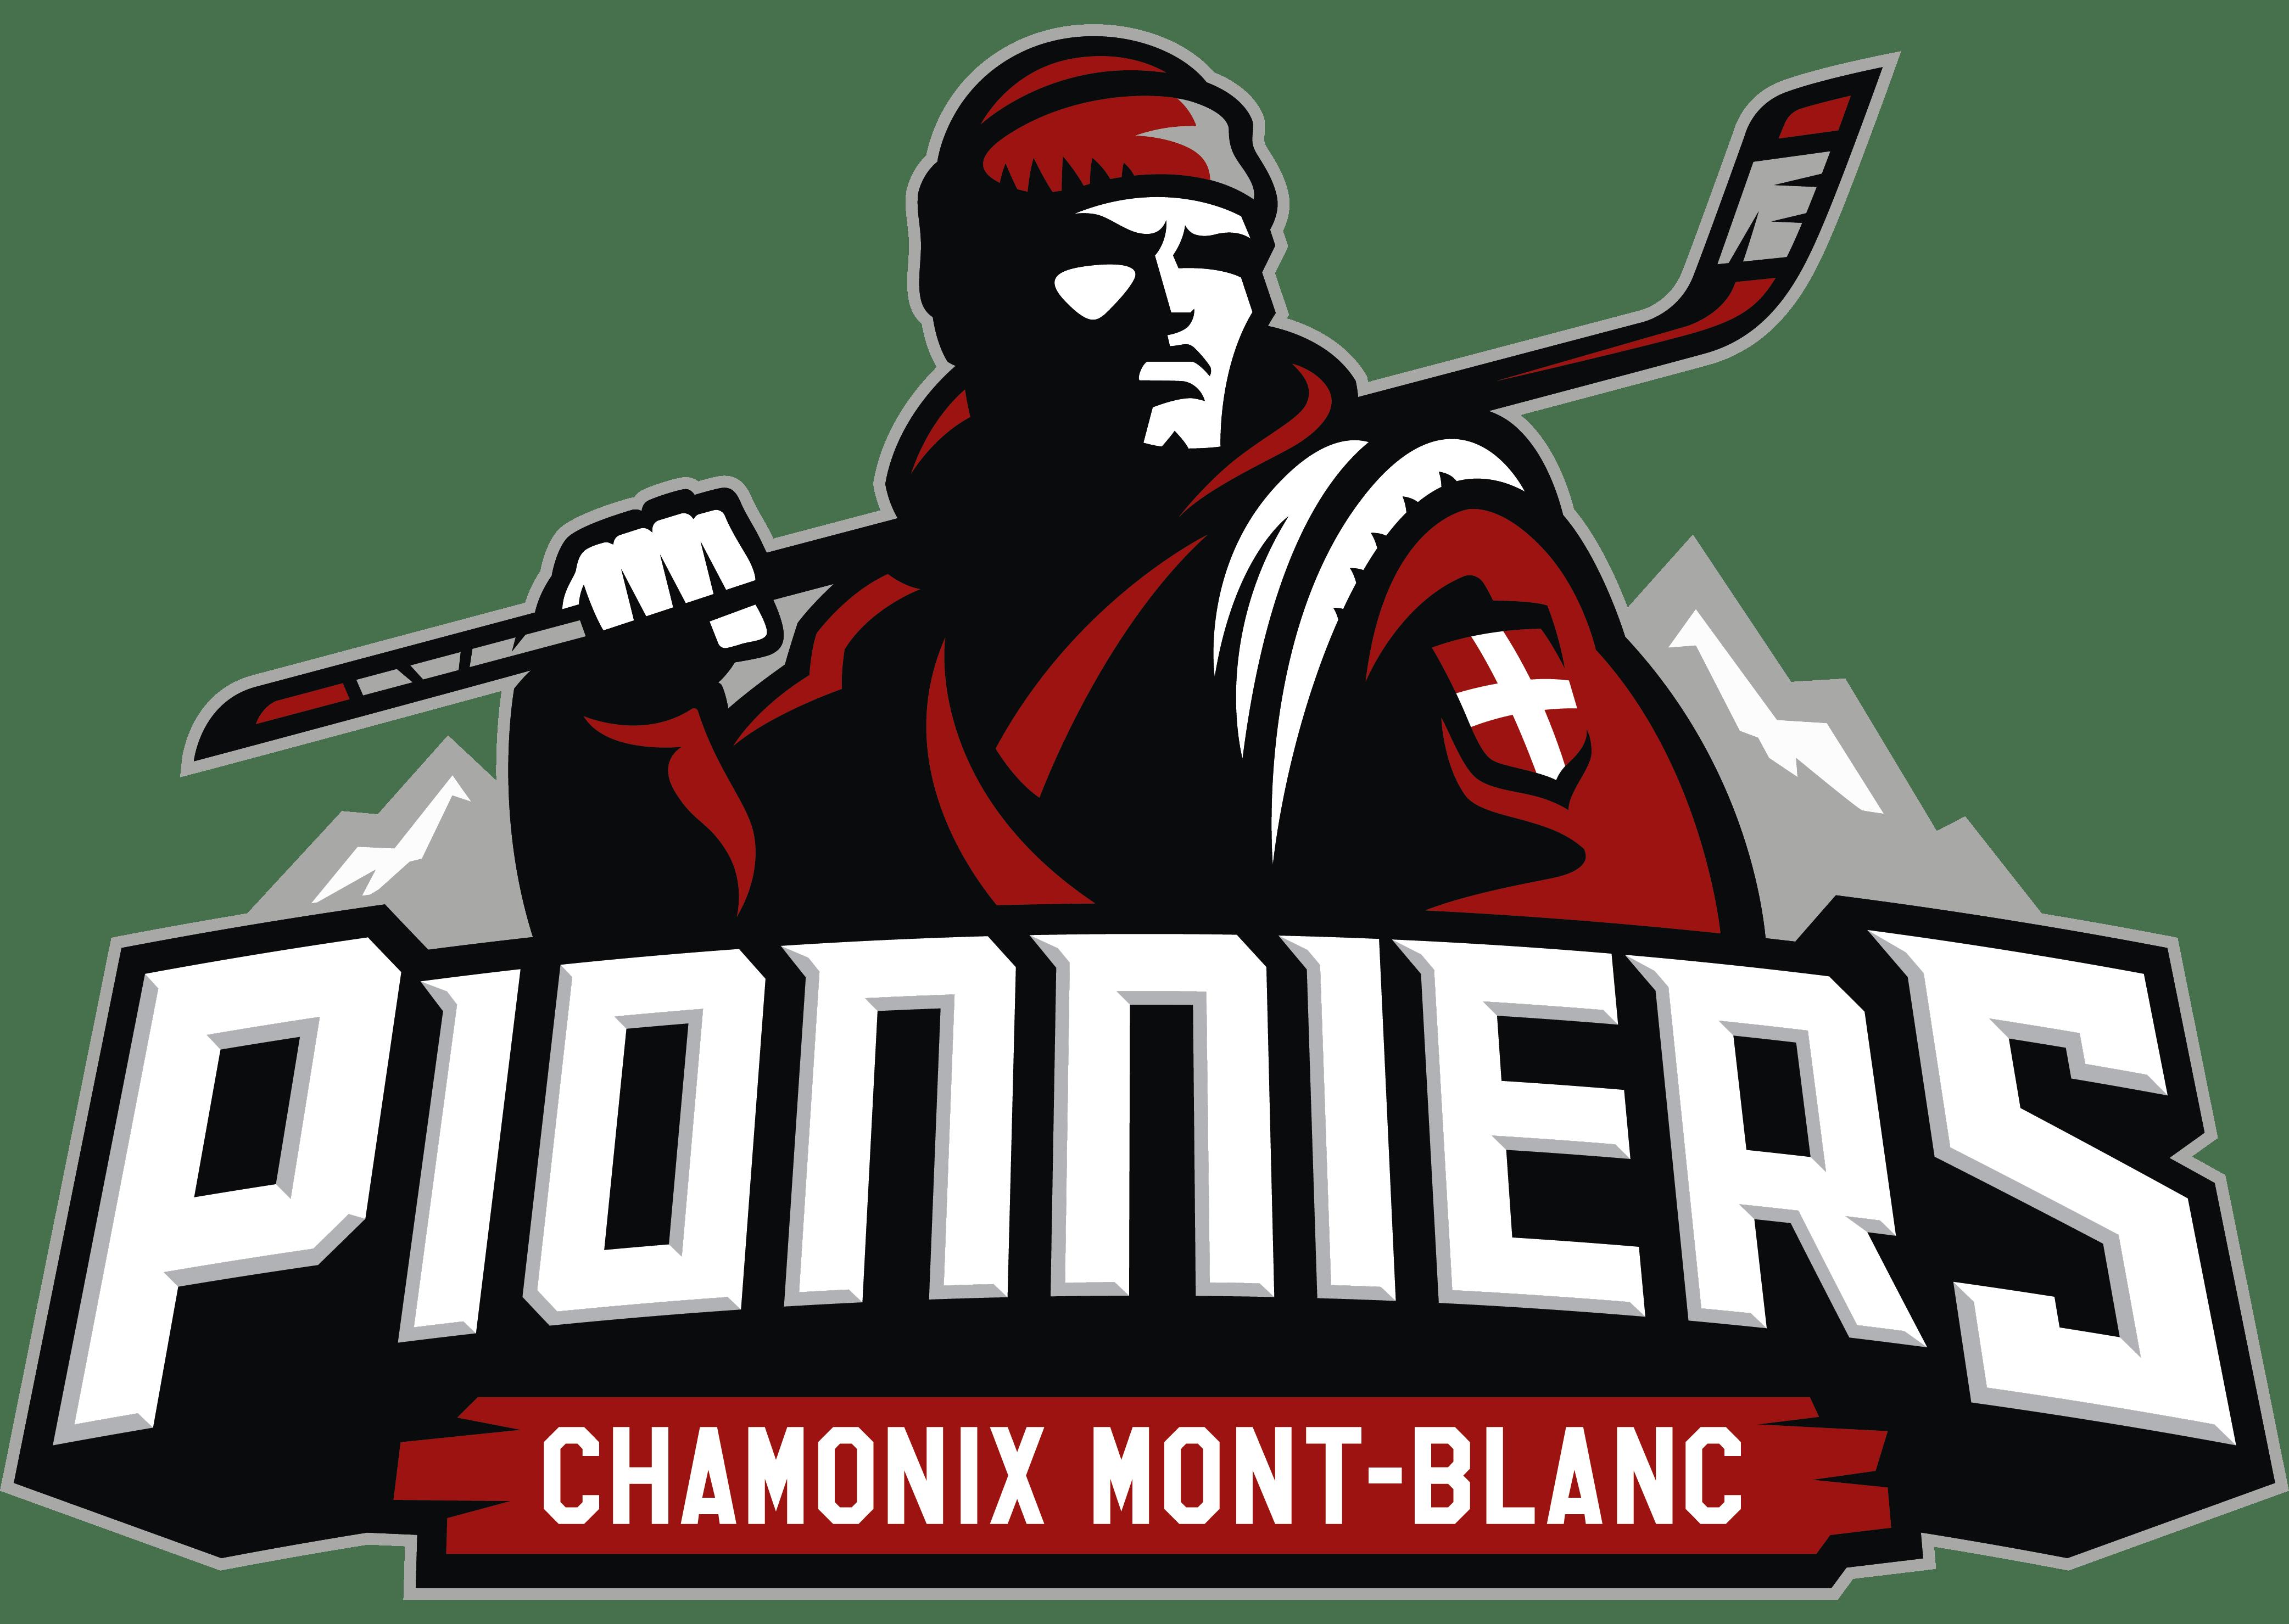 HAM FRANCE - Partenaire majeur des Pionniers de Chamonix